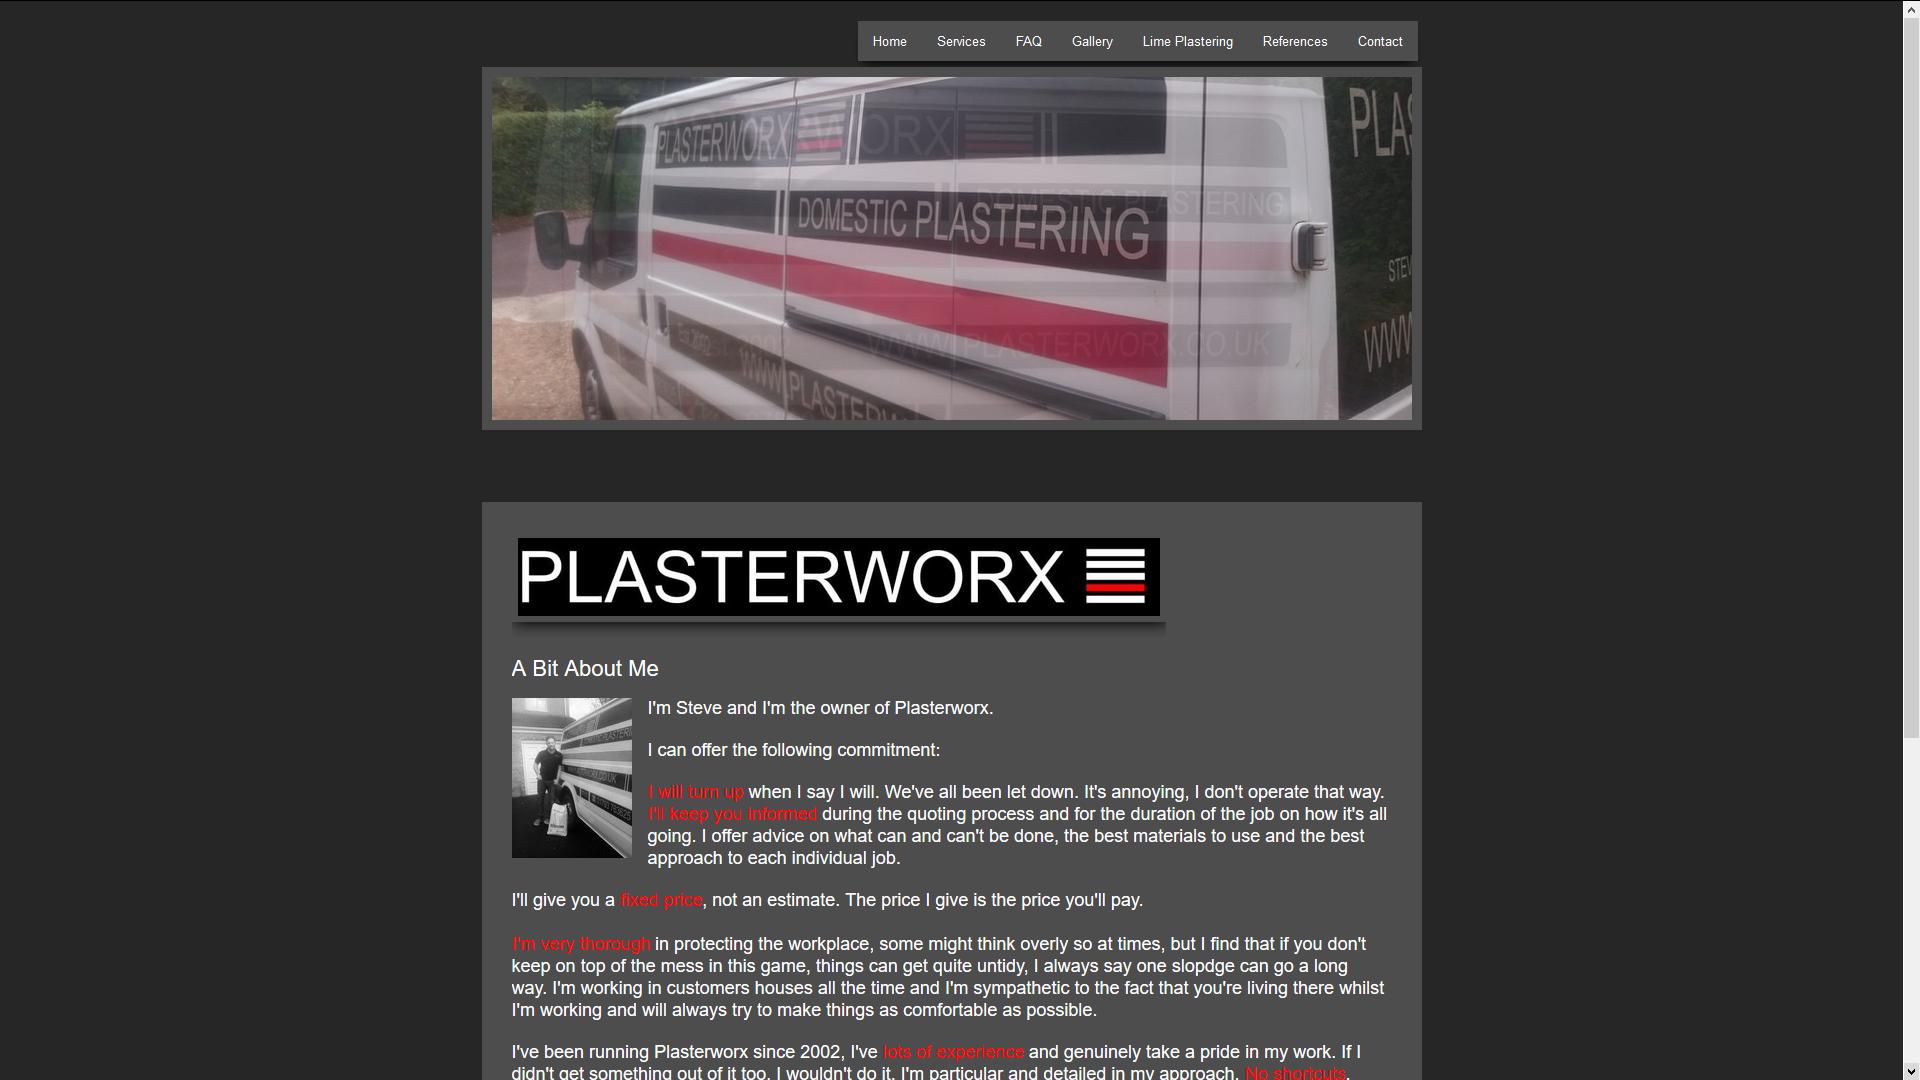 Plasterworx